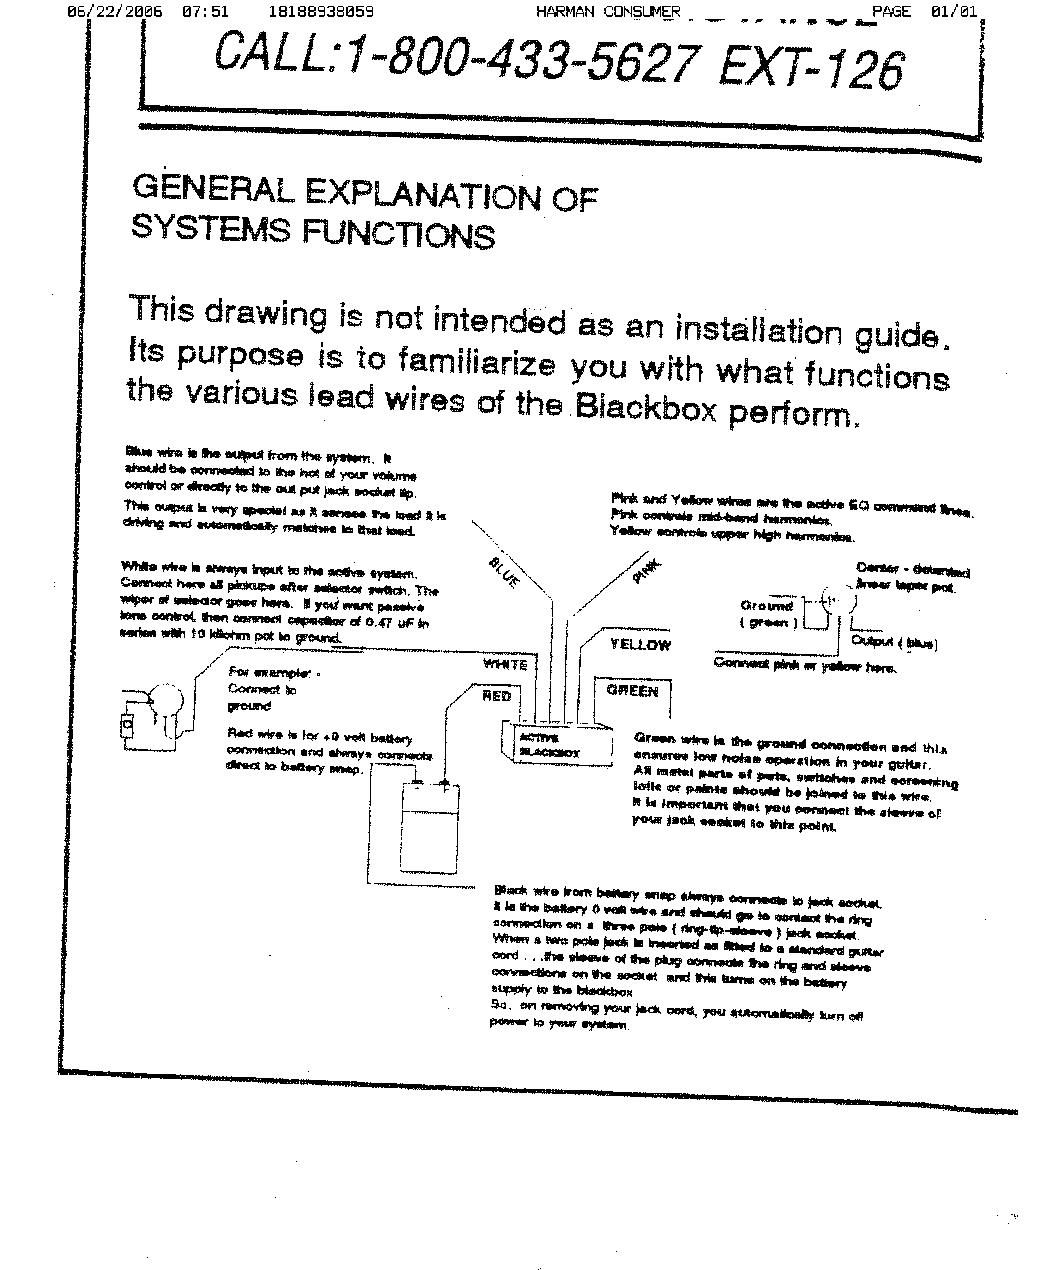 guitar pickup wiring diagram tanning bed jackson randy rhoads 42